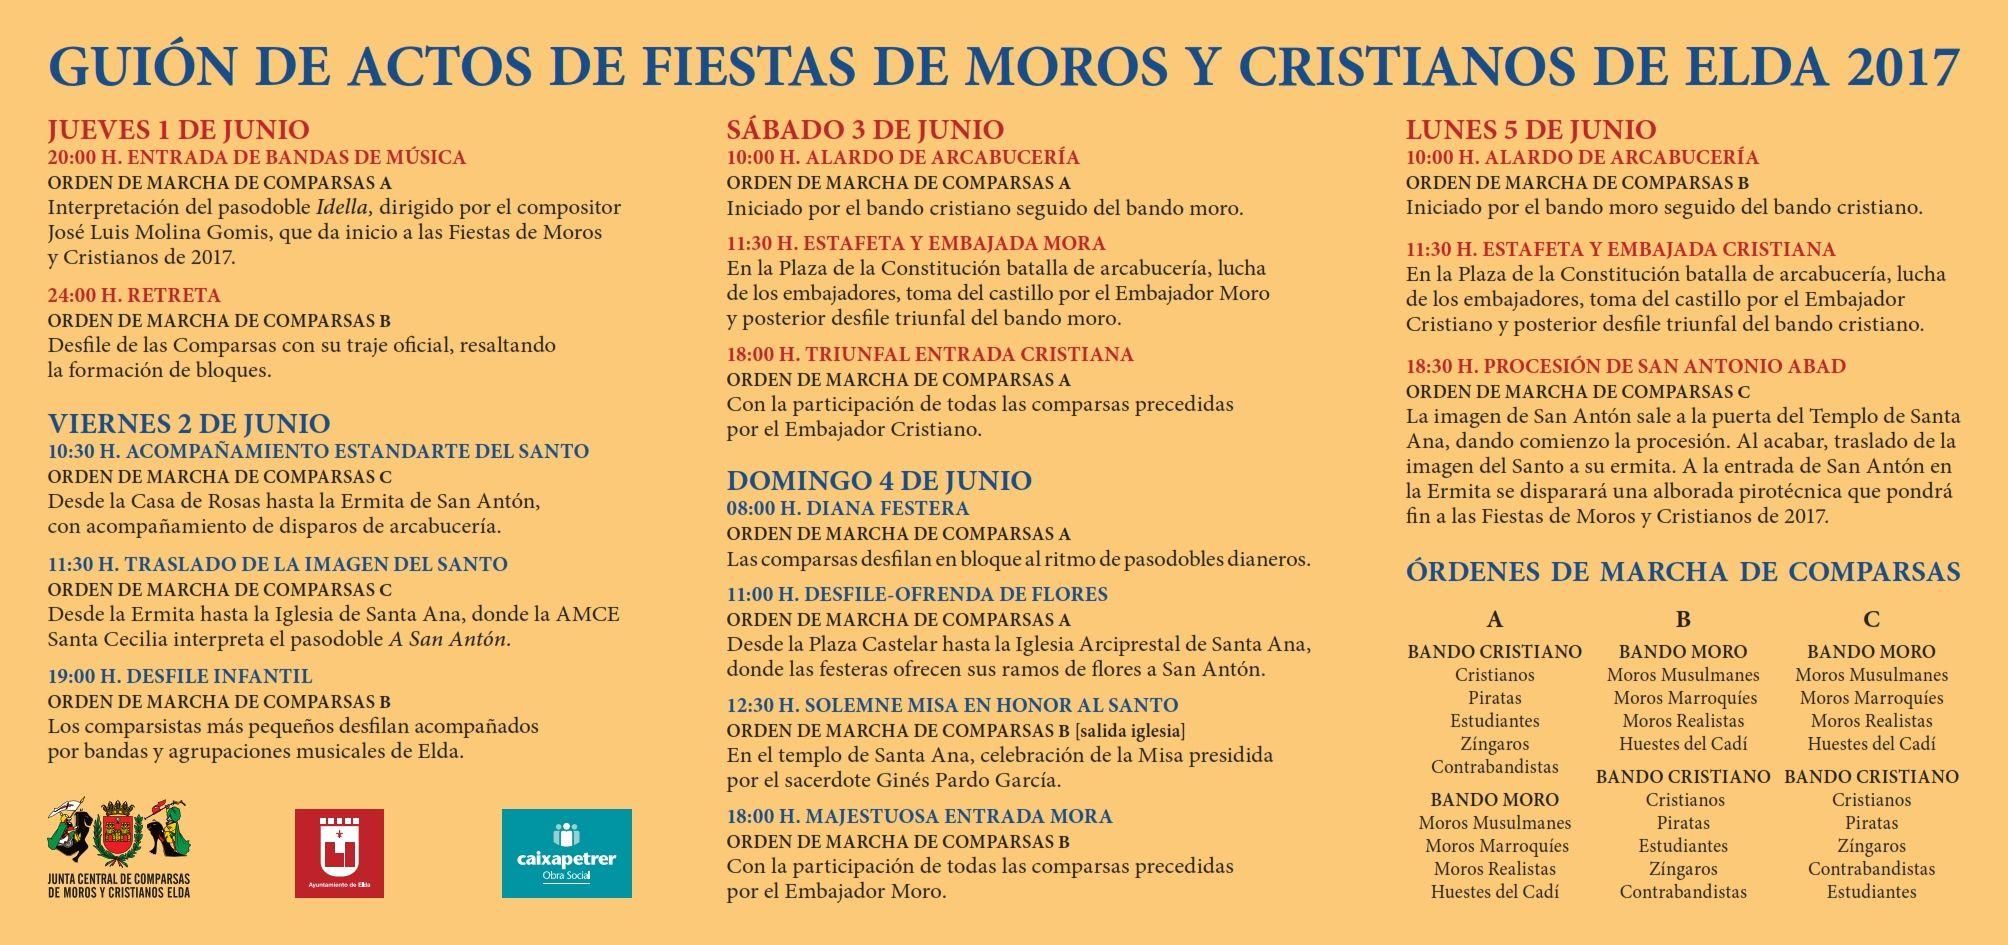 Guión De Actos De Fiestas De Moros Y Cristianos De Elda 2017 No